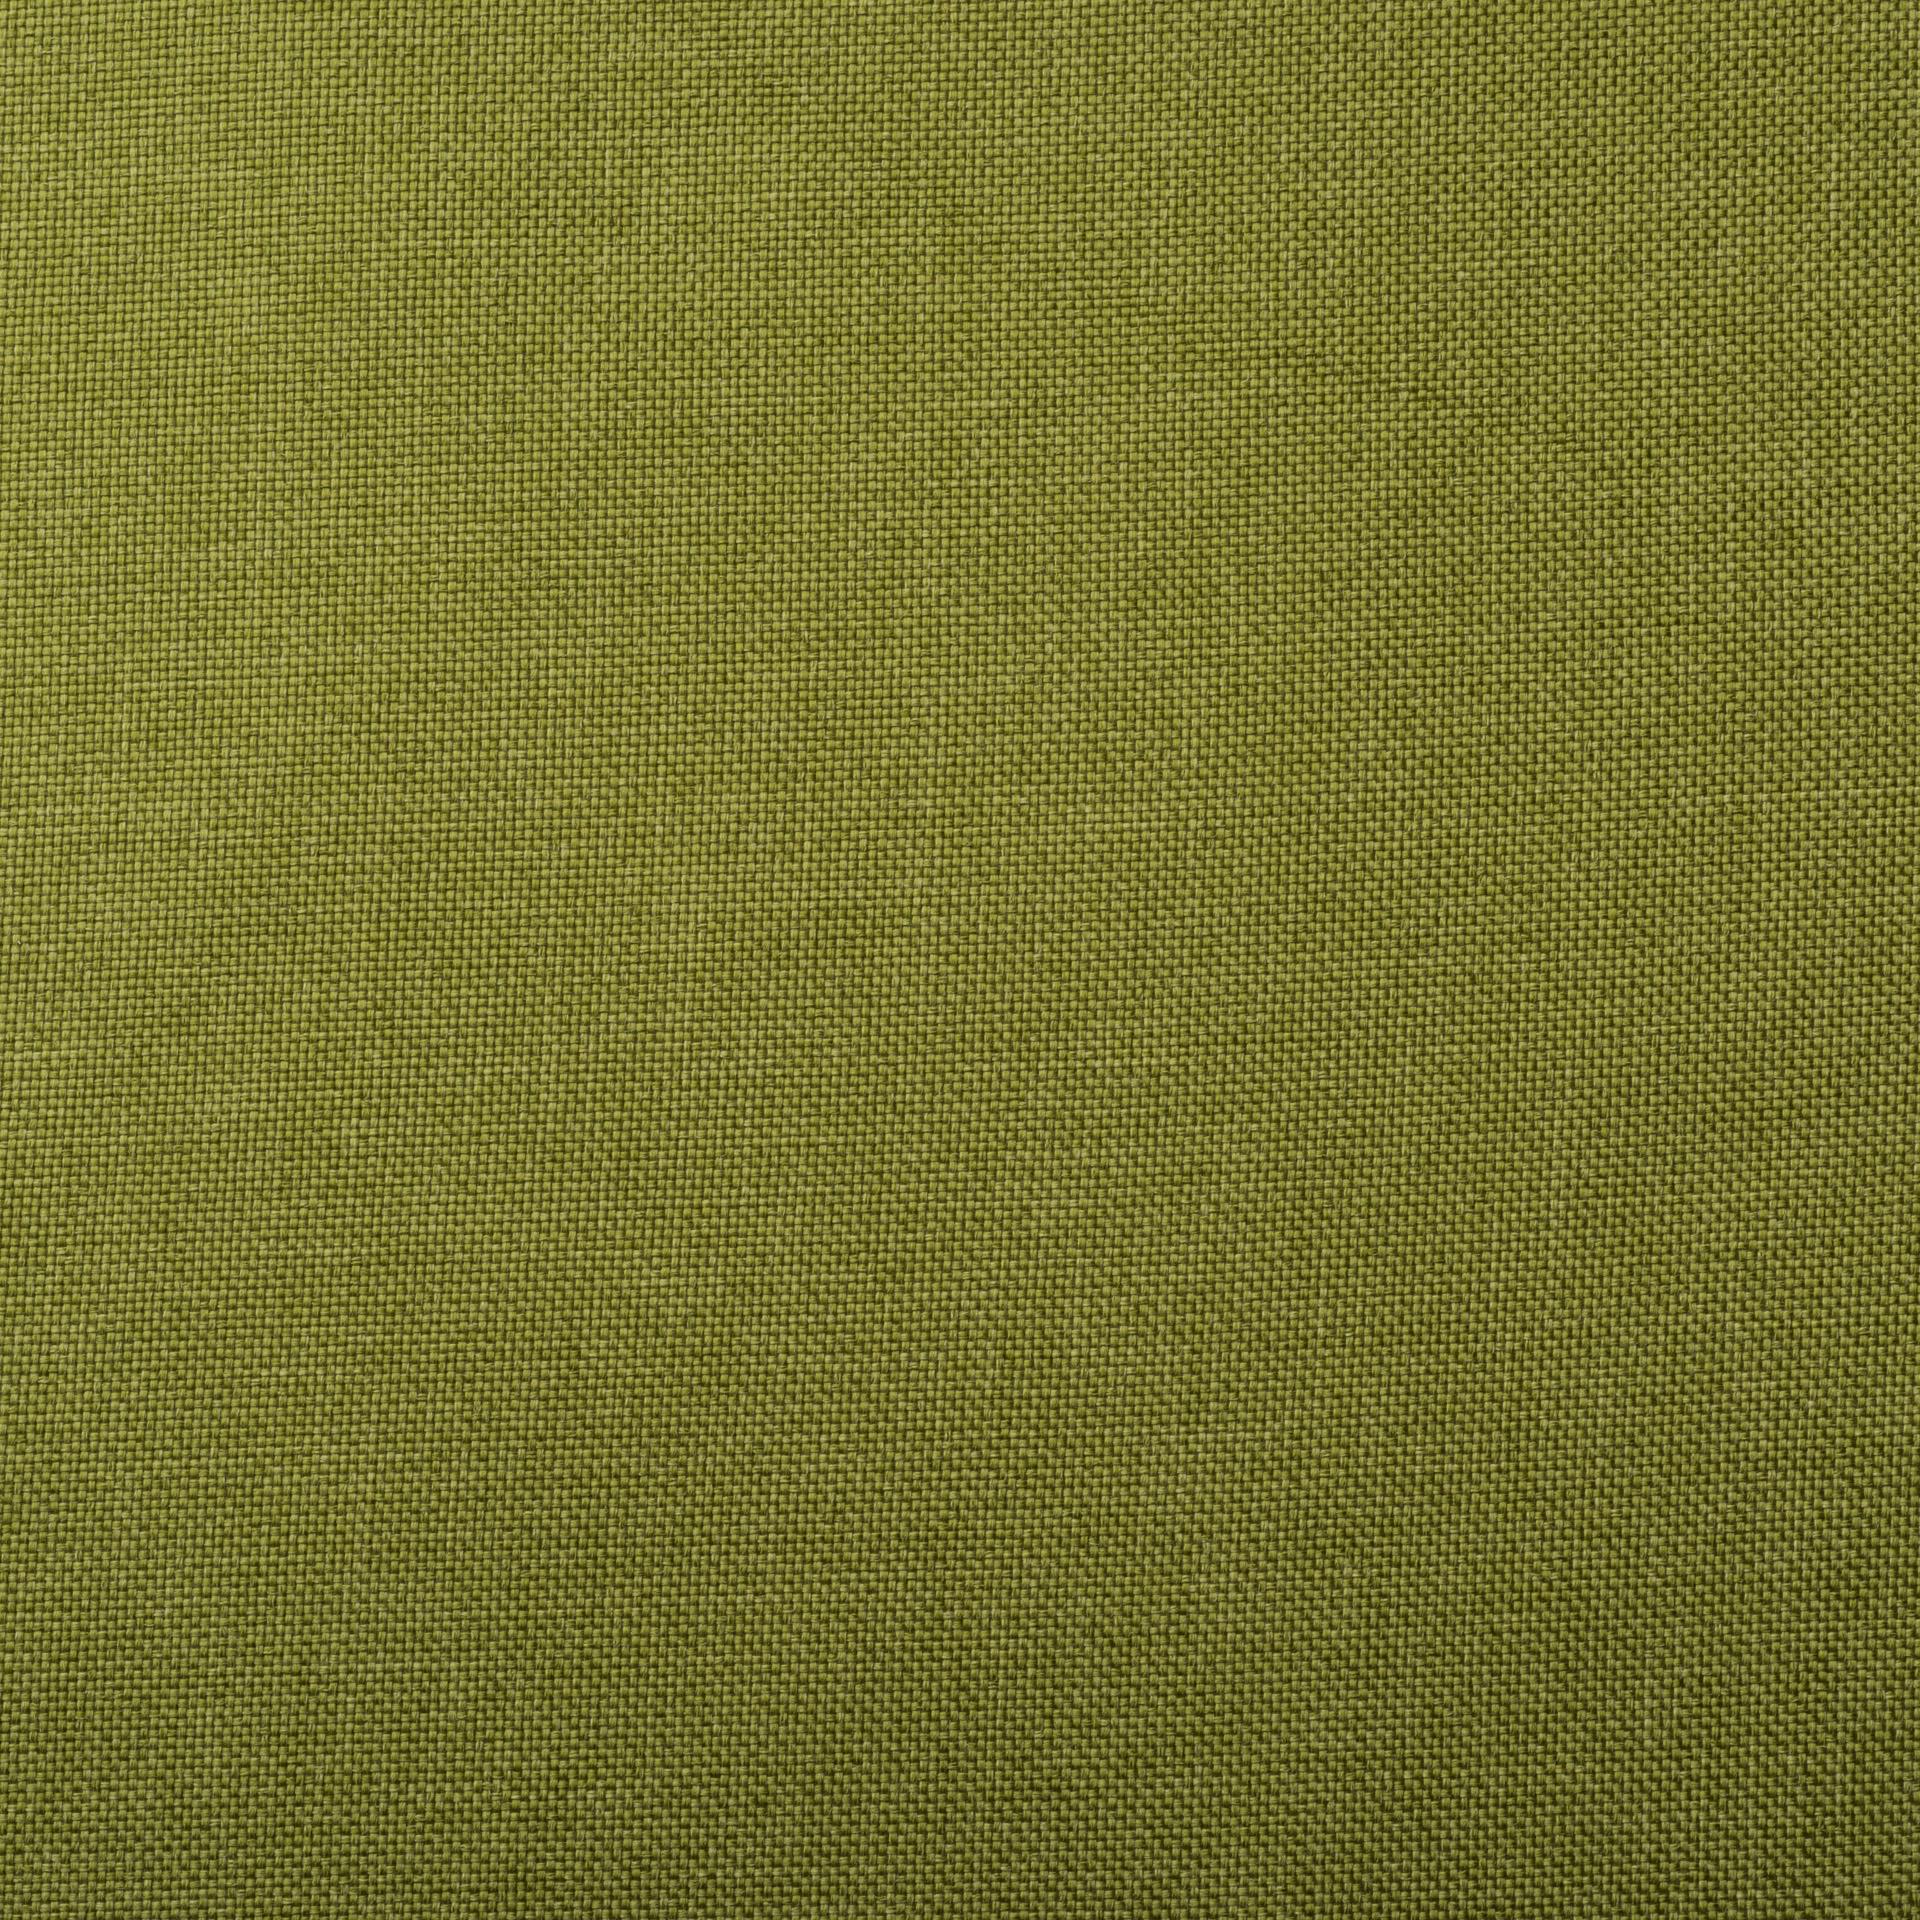 Коллекция ткани Саванна nova 26 Salad,  купить ткань Жаккард для мебели Украина